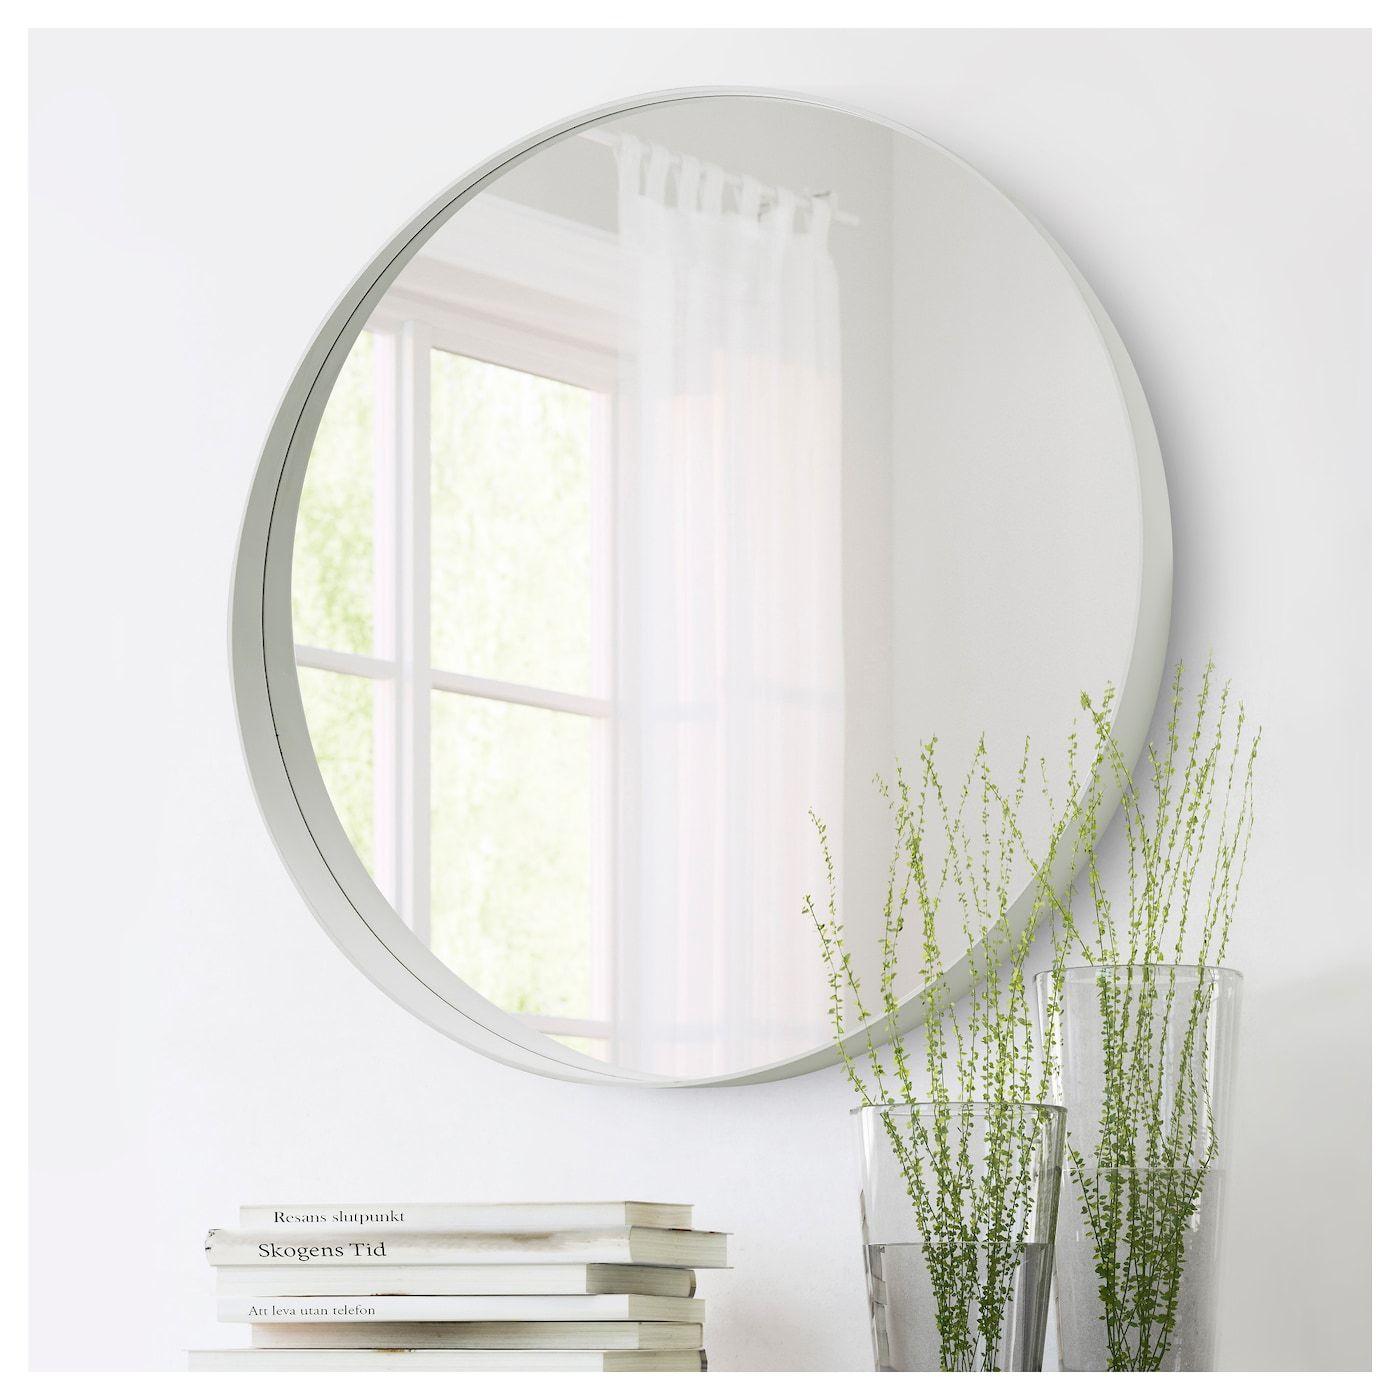 Rotsund Mirror White Ikea White Mirror Ikea Mirror Round White Mirror